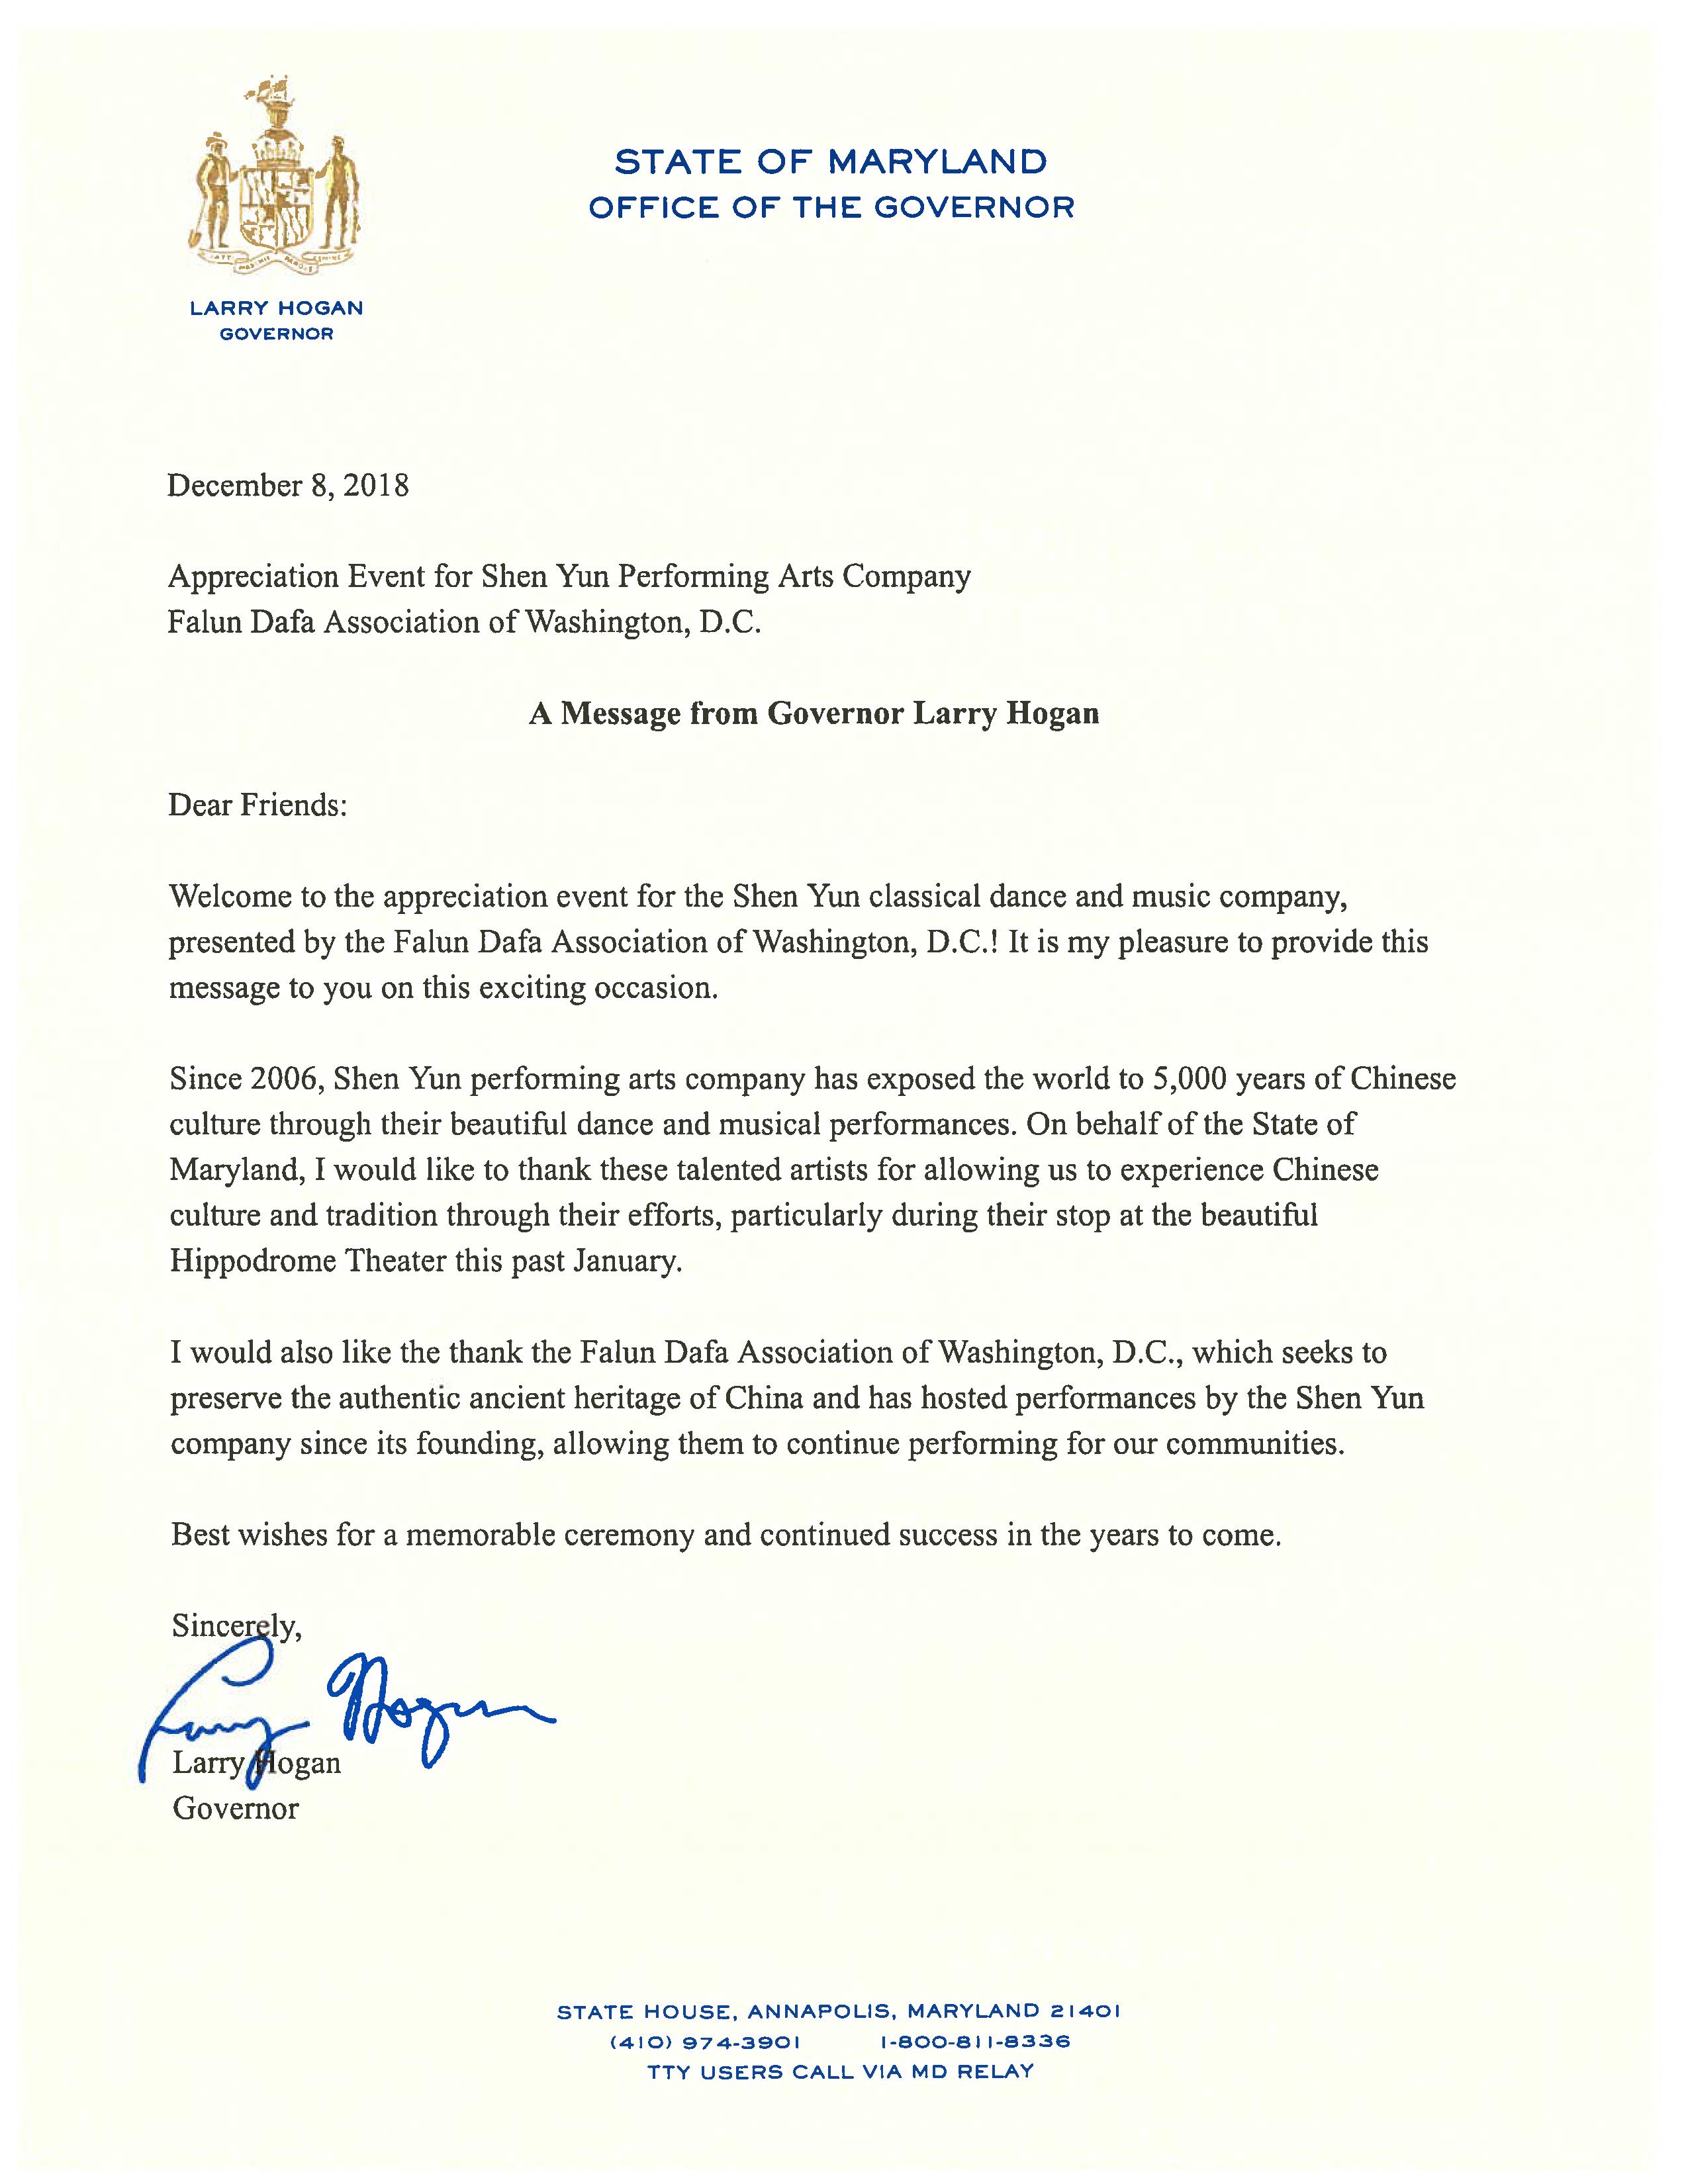 馬里蘭州巴爾的摩演出前夕,馬里蘭州州長Larry Hogan向神韻藝術團發來賀信。(大紀元圖片)